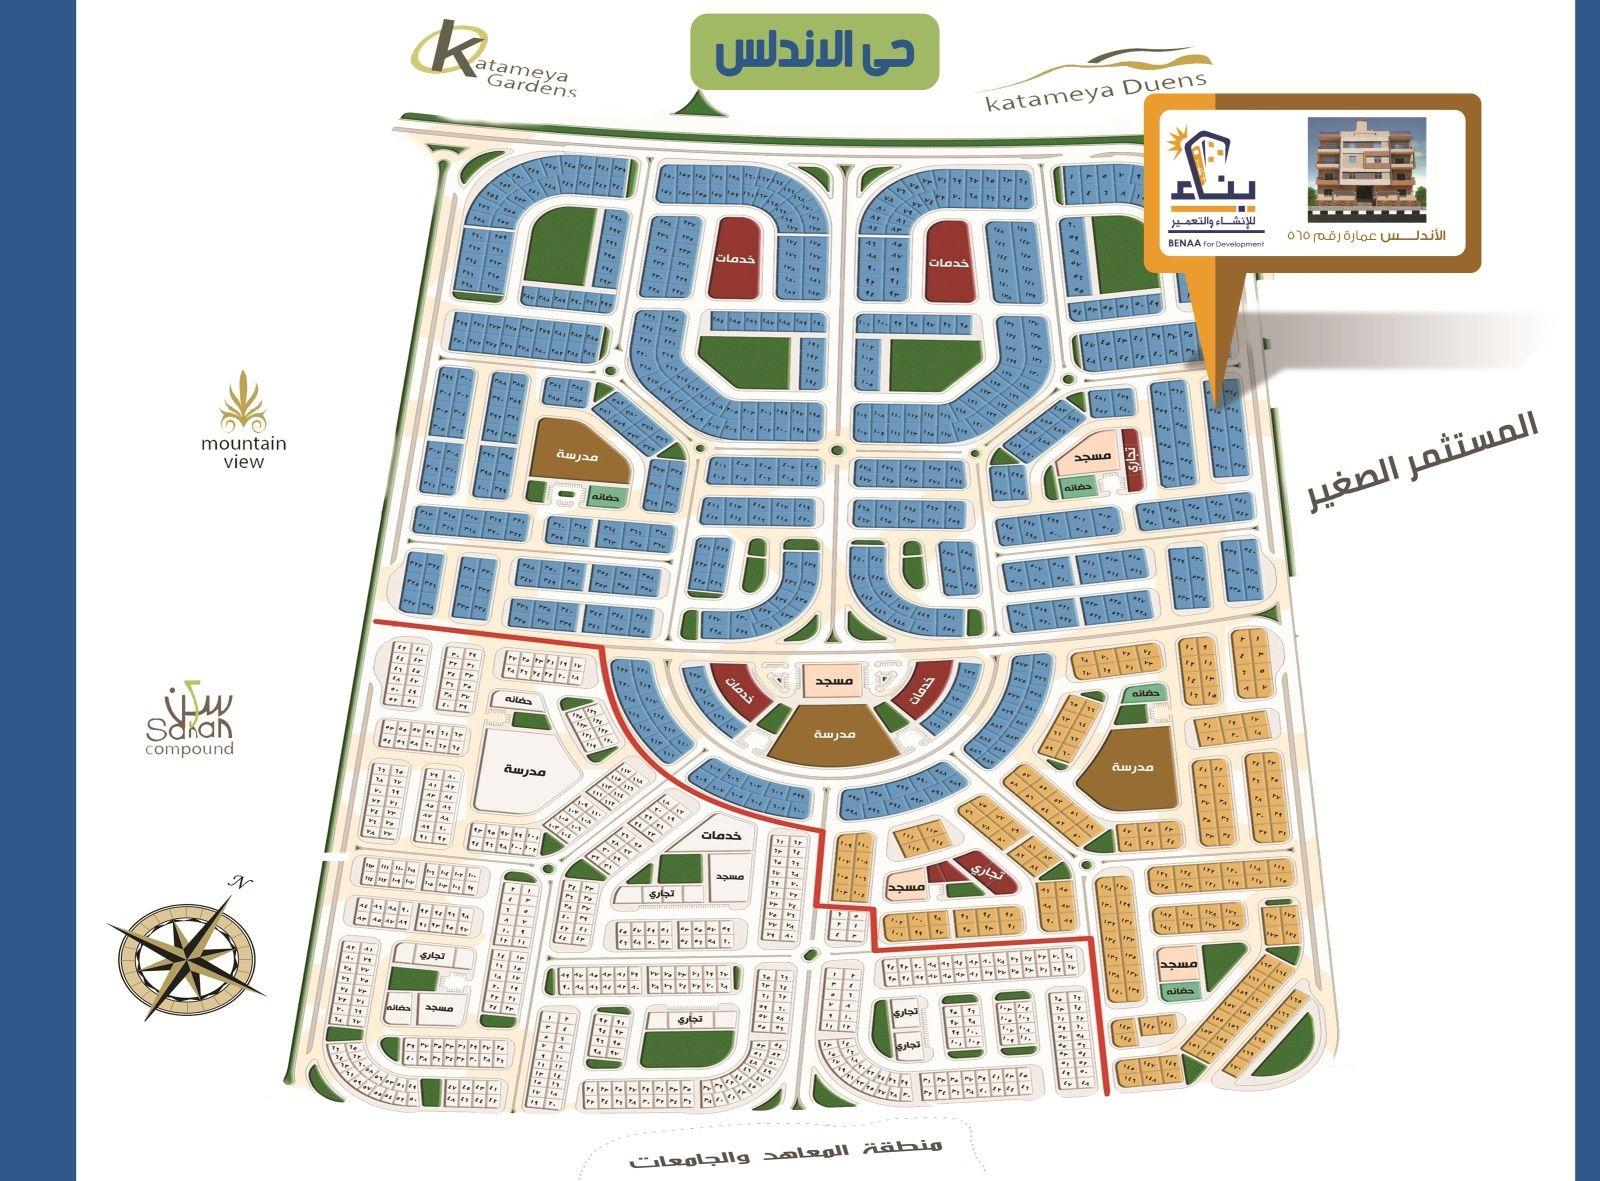 خريطة حي الأندلس القاهرة الجديدة Application Iphone Mountain View Monopoly Deal